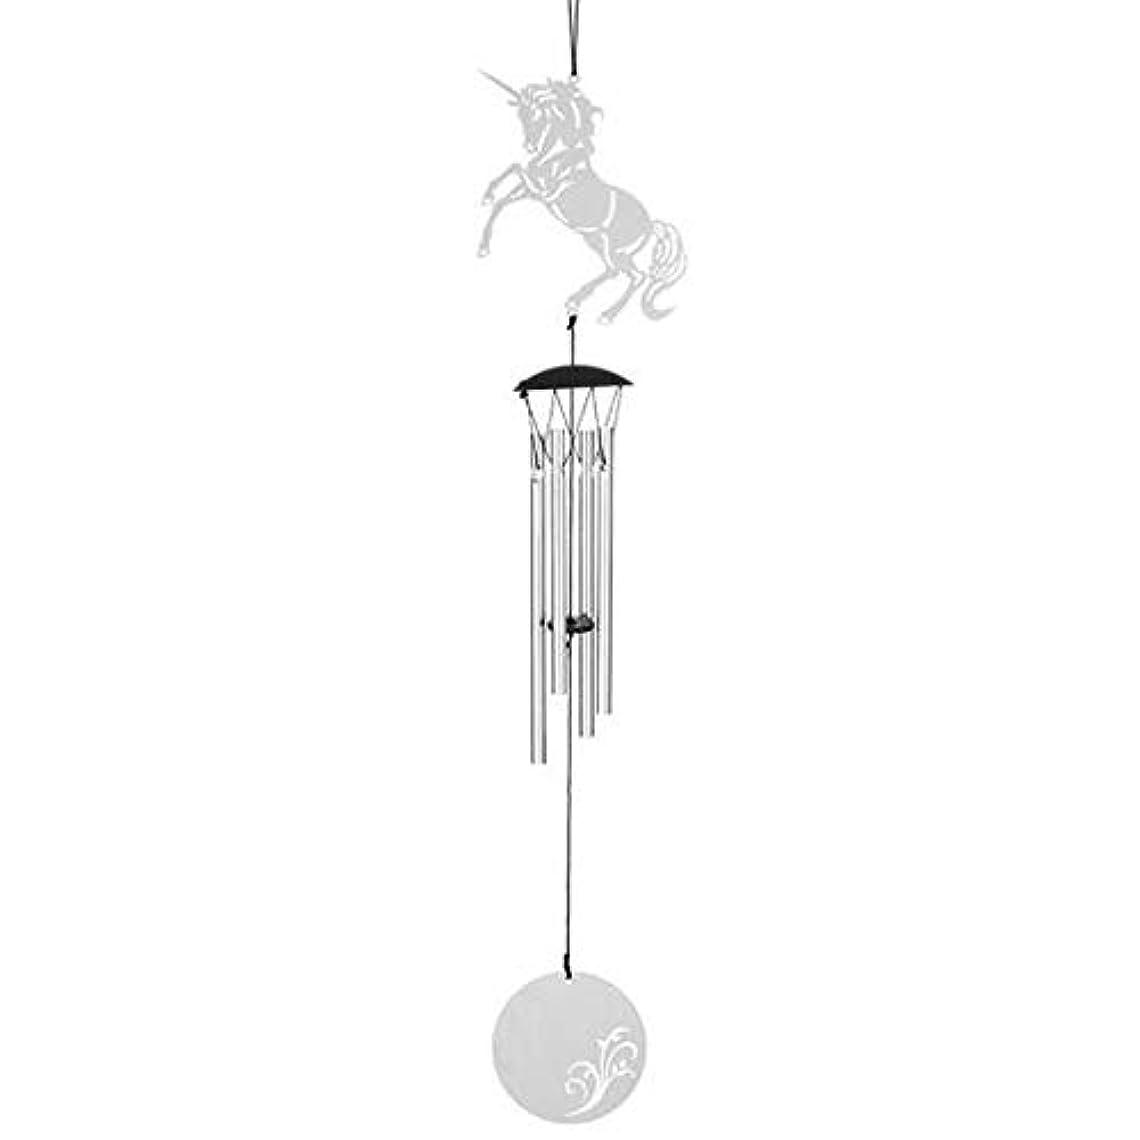 人里離れた刈るスキームJiansheng01-ou 風チャイム、メタルクリエイティブ4チューブ風の鐘、シルバー、47.5CMについて全長 、シンプルな創造的な贈り物 (Color : B)